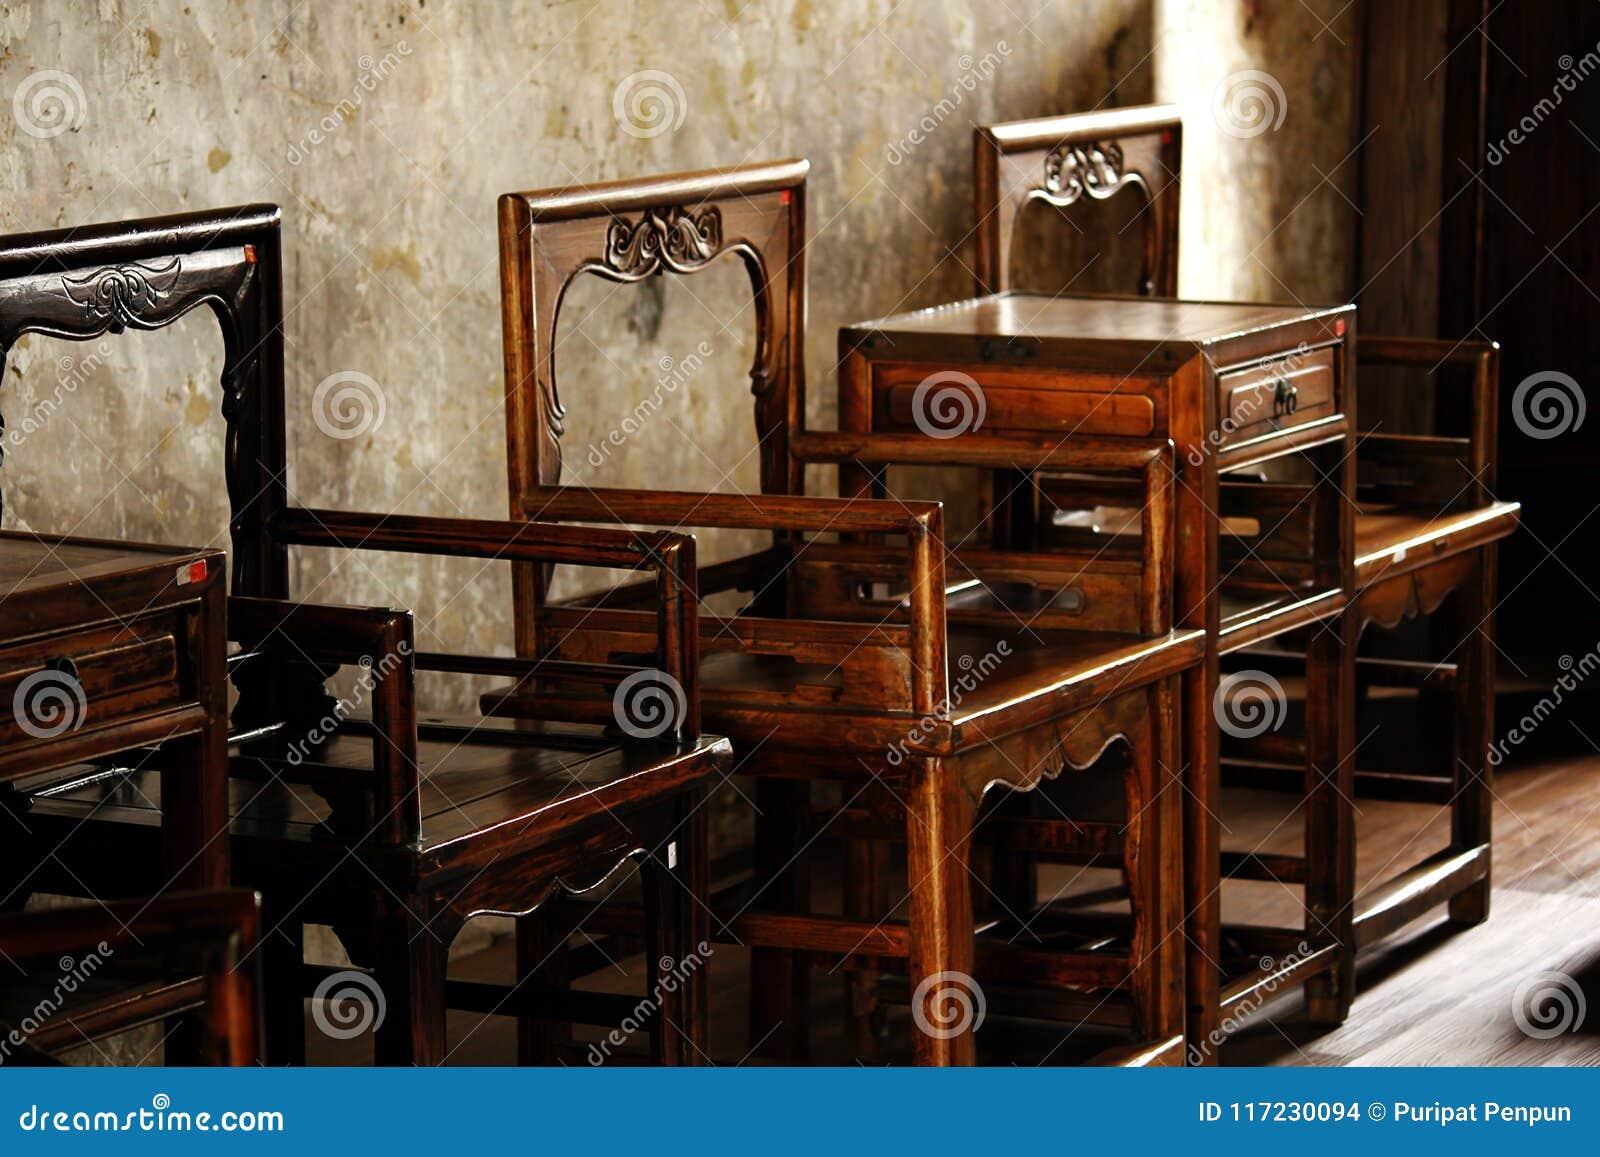 Chaise en bois de style chinois vieille